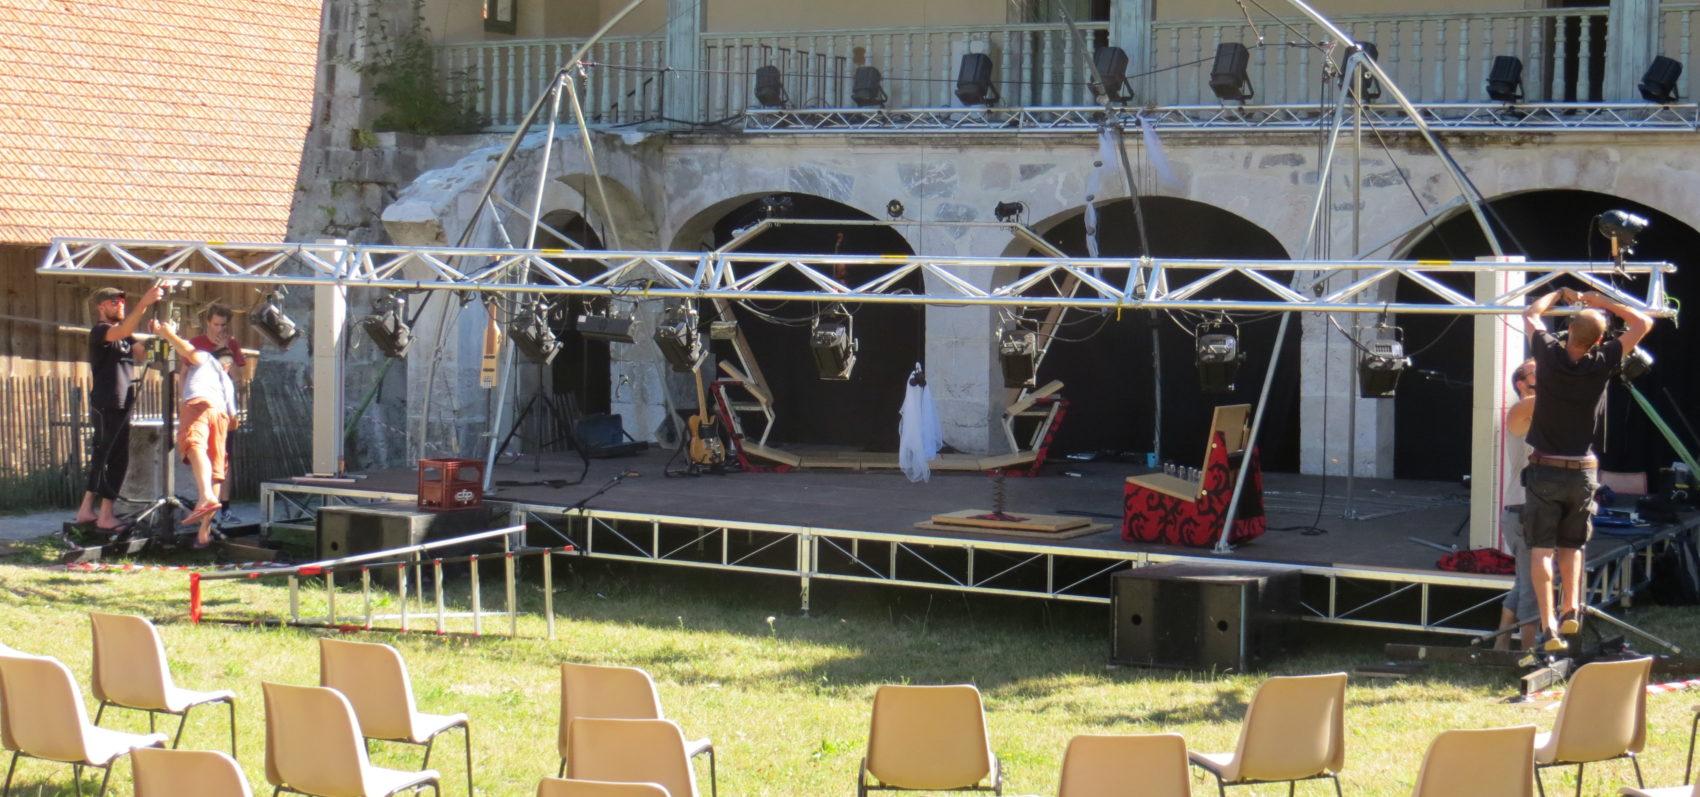 Montage de l'installation scénique destinée aux spectacles à la Chartreuse d'Aillon